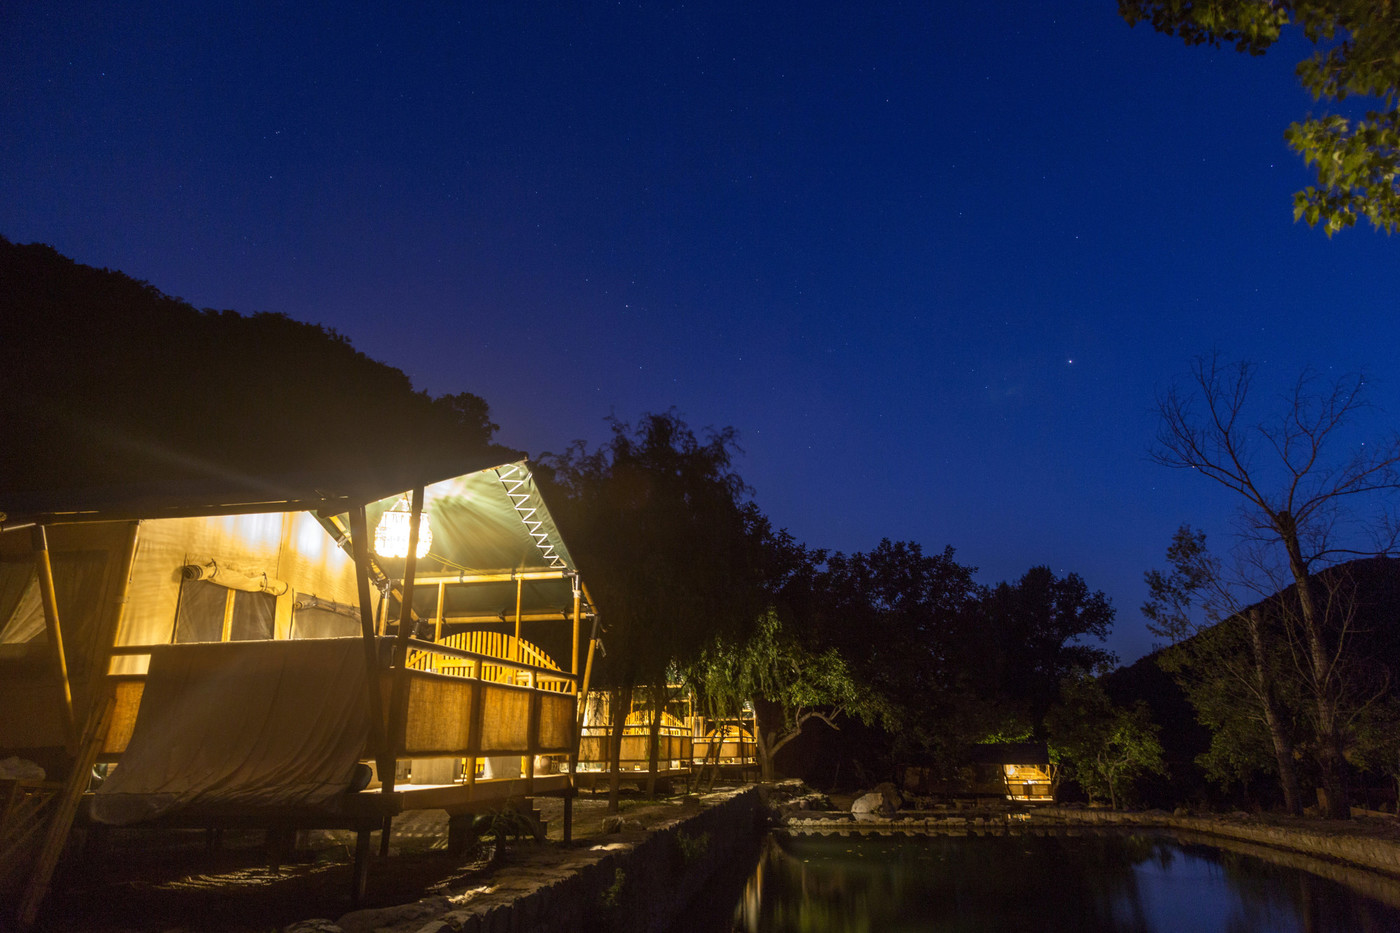 喜马拉雅野奢帐篷酒店一北京石头 剪刀 布一私享院子 54平山谷型  27